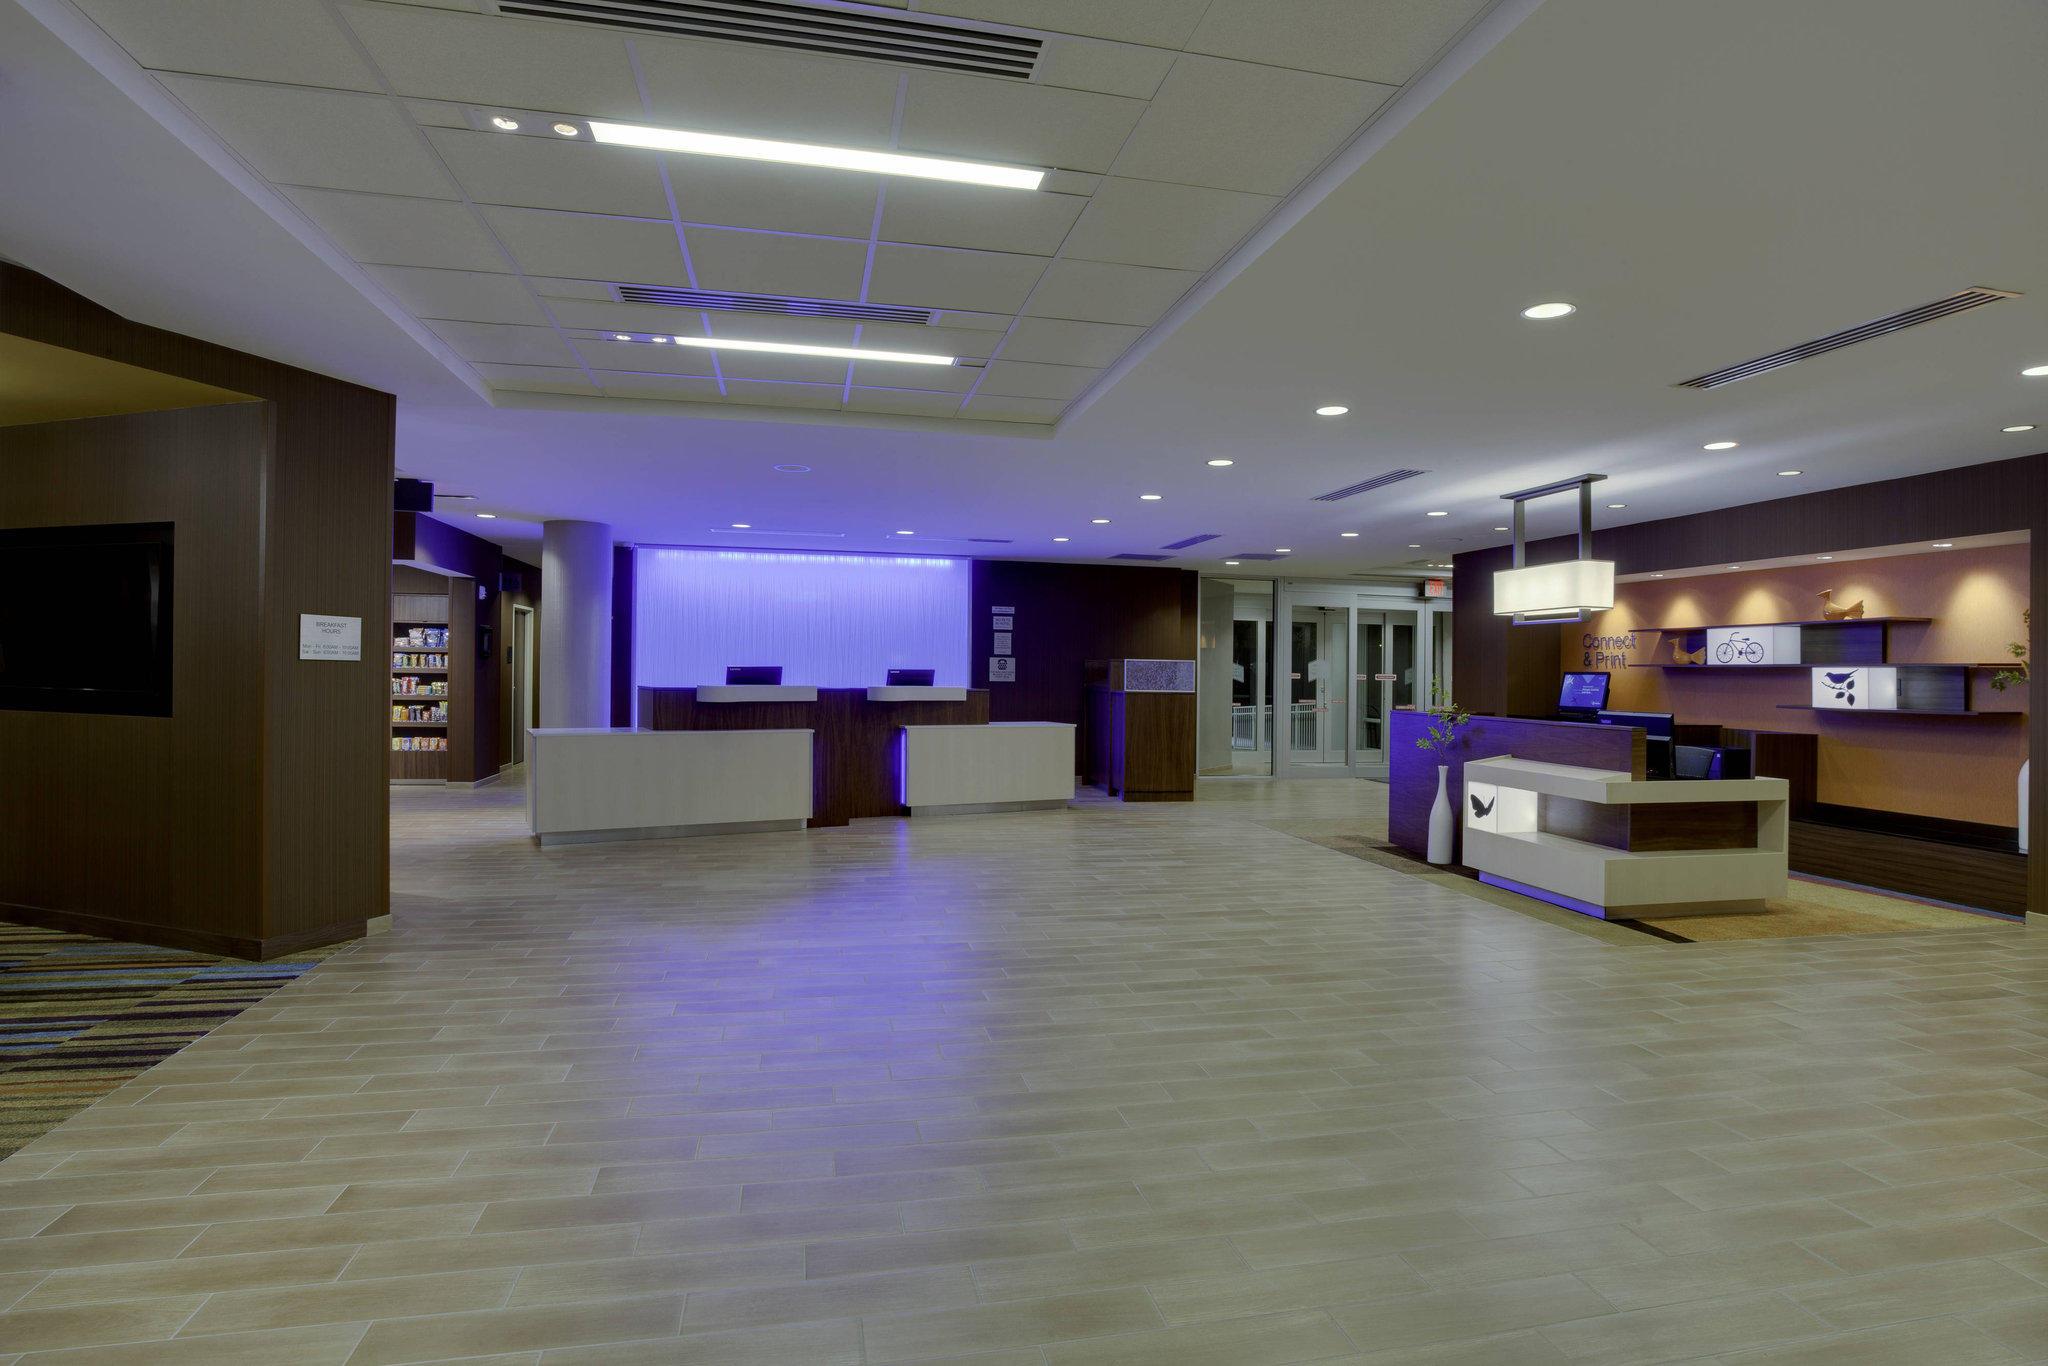 Fairfield Inn & Suites by Marriott Fort Lauderdale Downtown/Las Olas